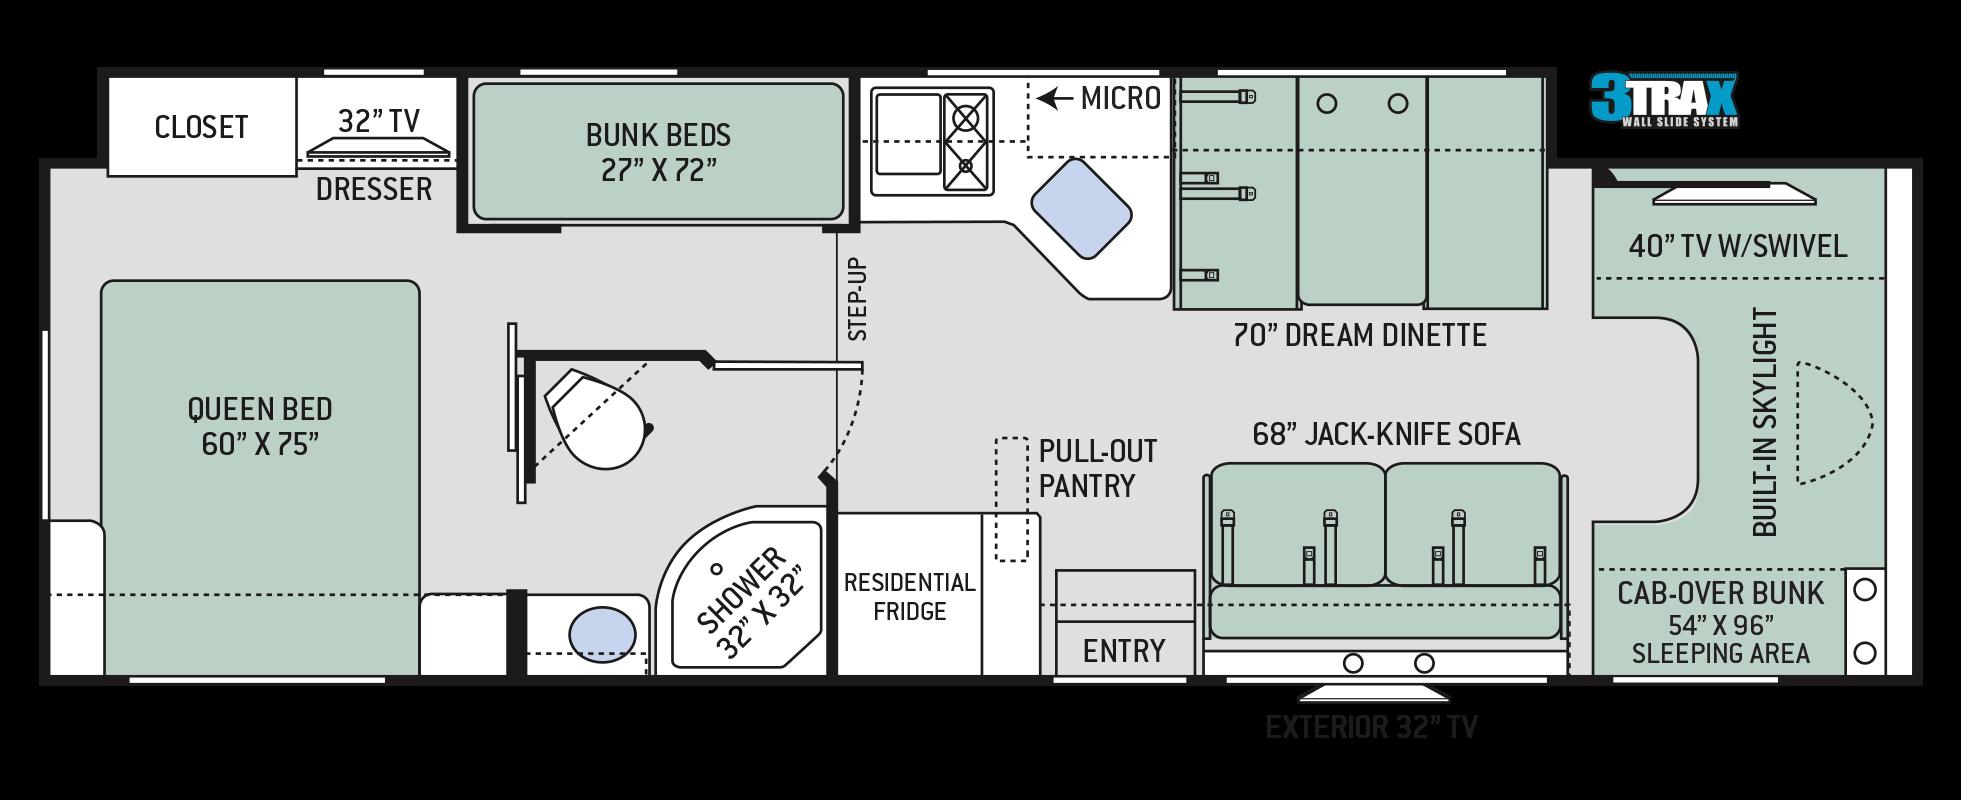 Floor Plans Quantum Lf31